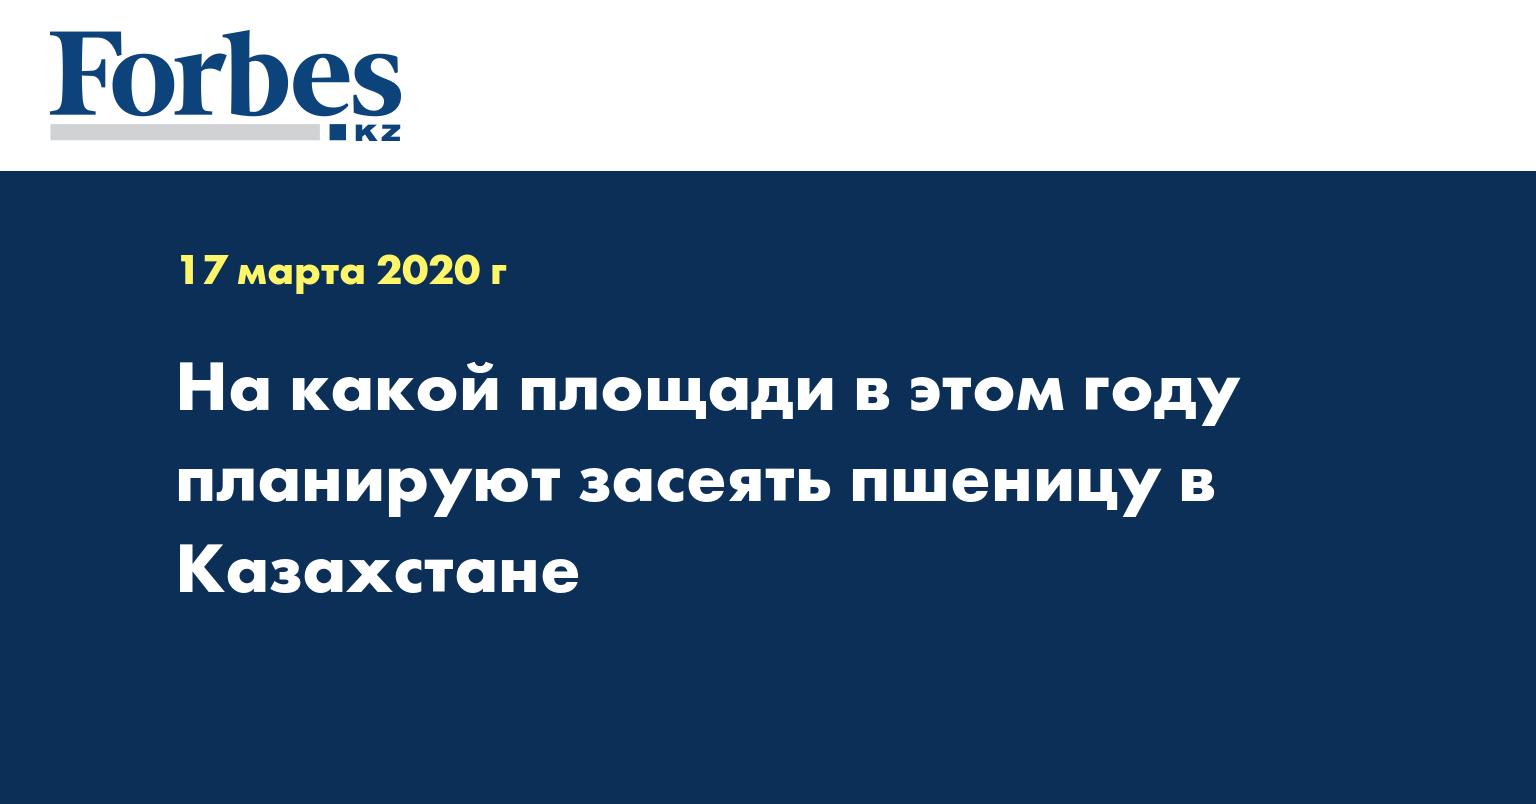 На какой площади в этом году планируют засеять пшеницу в Казахстане